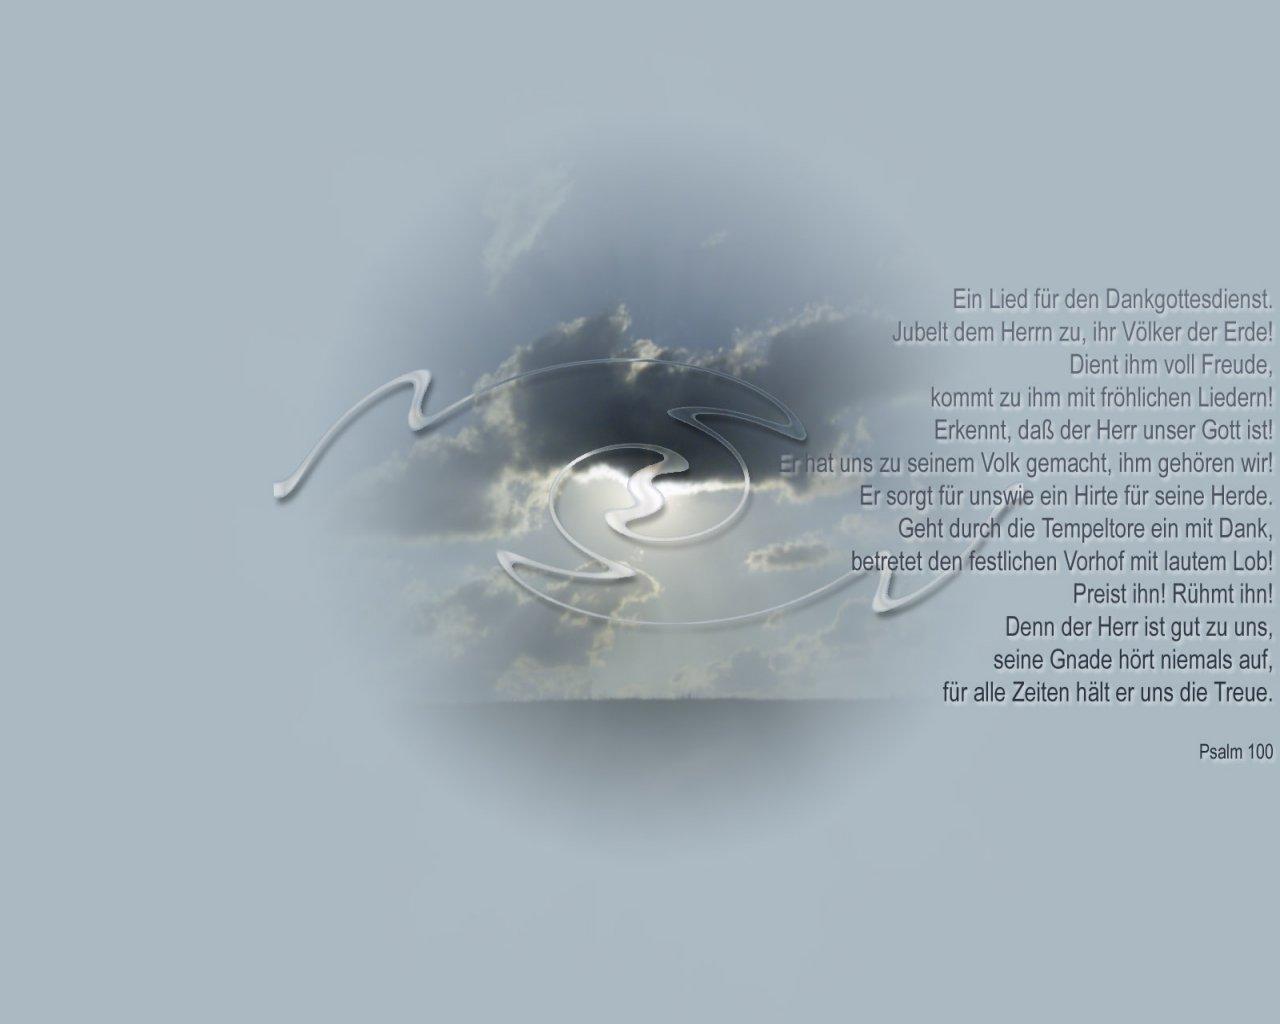 Psalm 100 ein dank christliche hintergrundbilder - Christliche hintergrundbilder ...